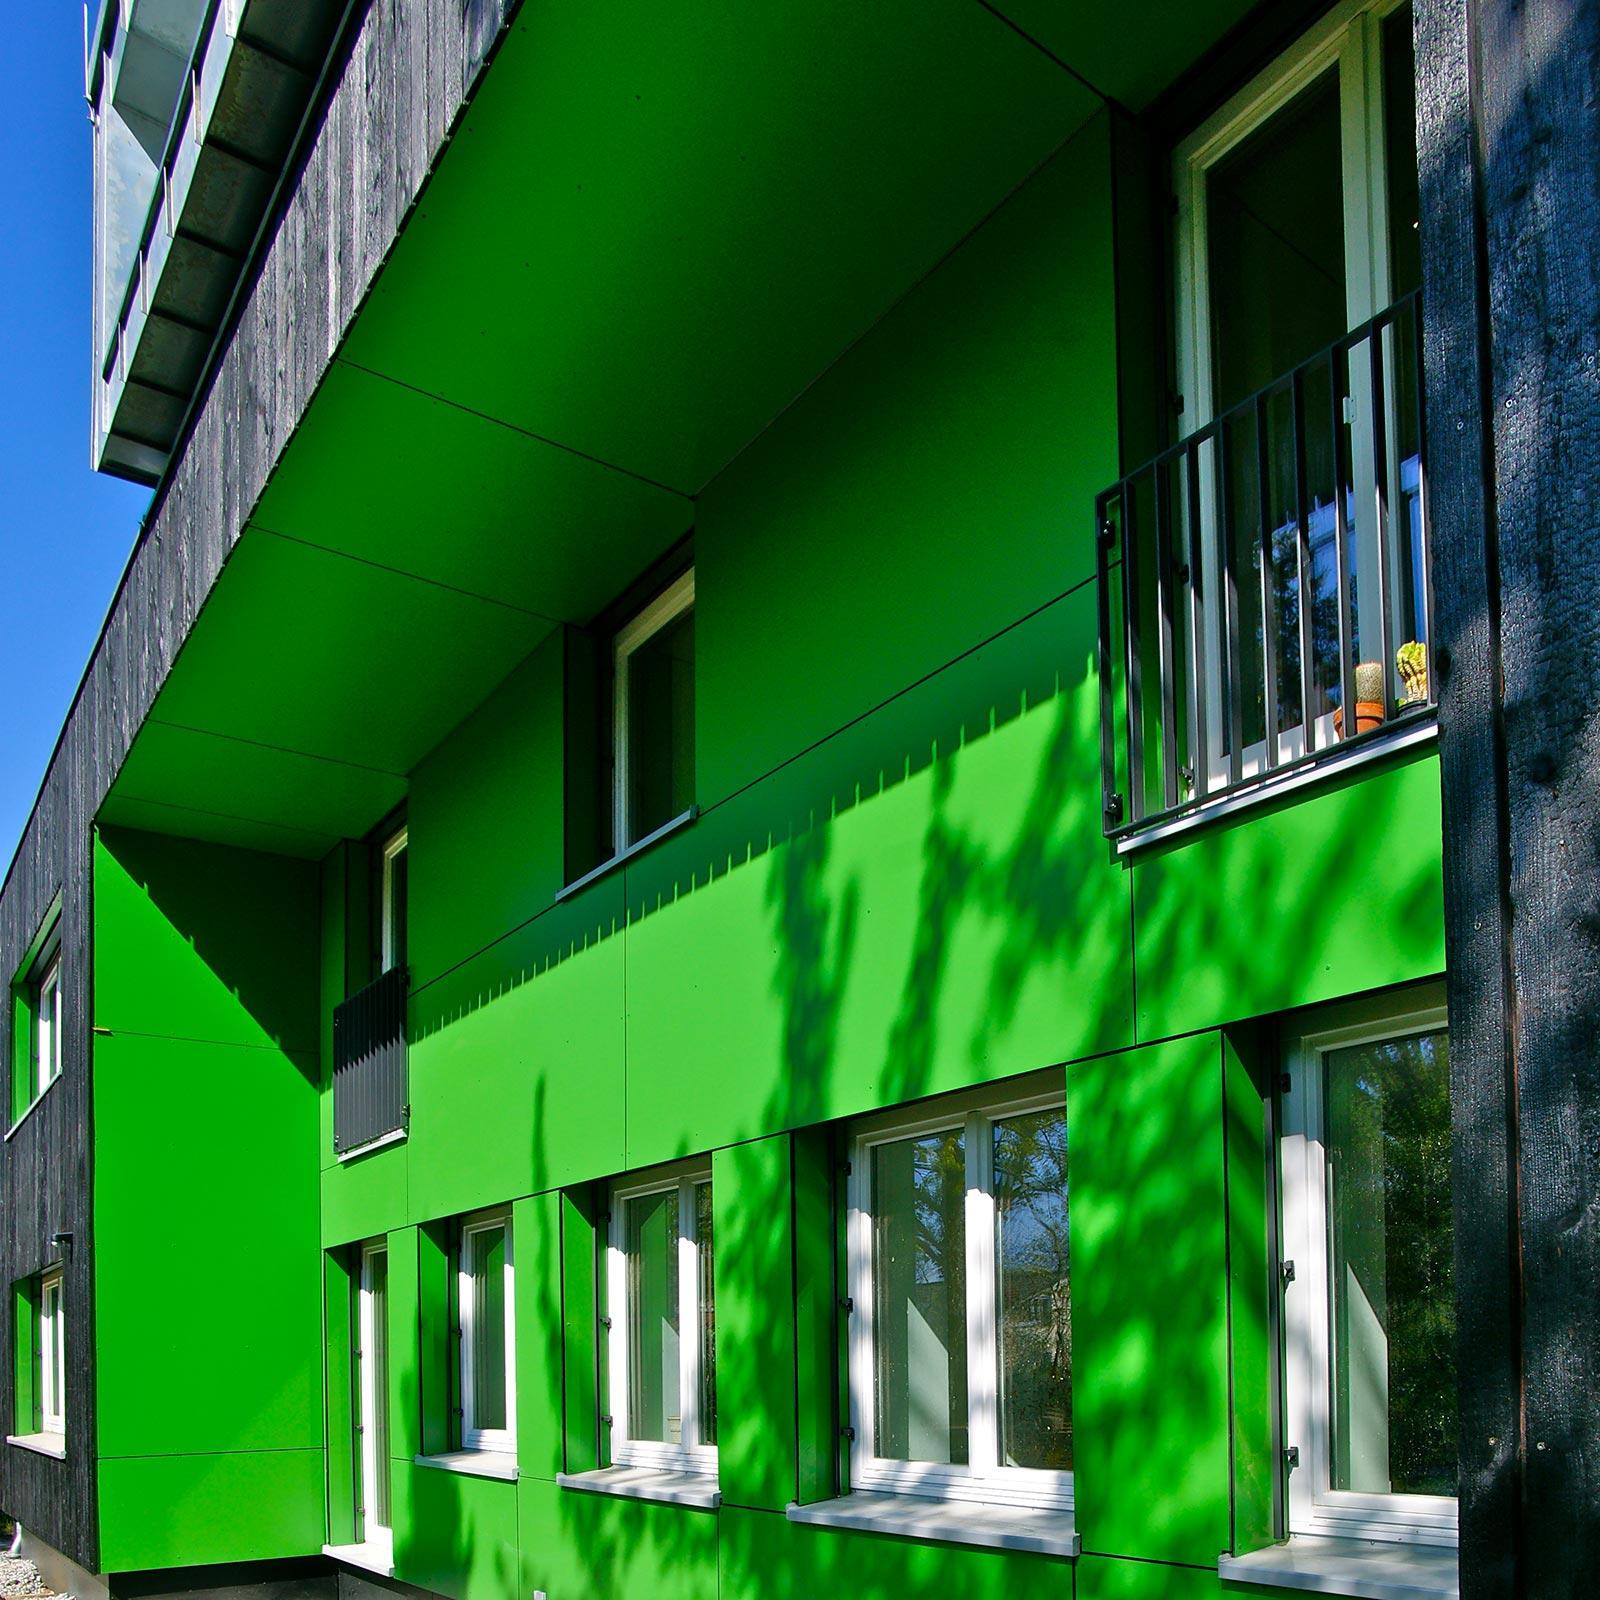 schweinfurt energet sanierung amt f ern hrung landwirtschaft u forsten haas haas. Black Bedroom Furniture Sets. Home Design Ideas